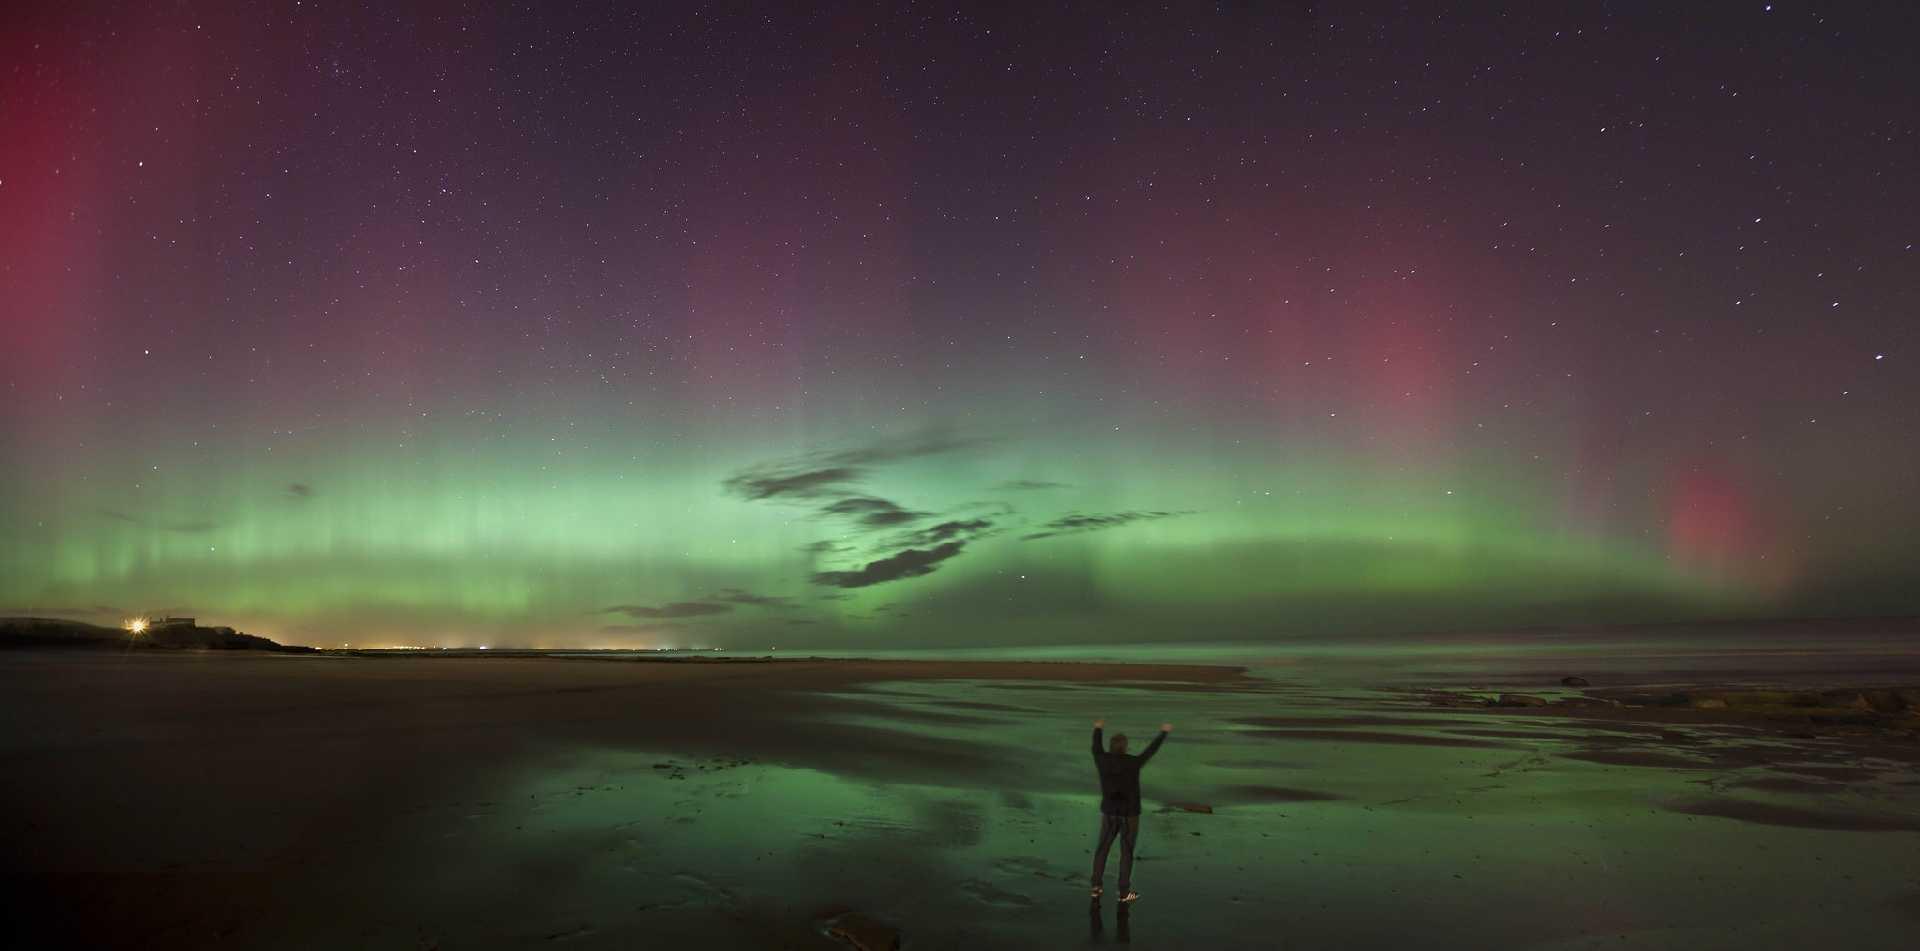 Aurora Borealis at Cresswell Beach, Northumberland